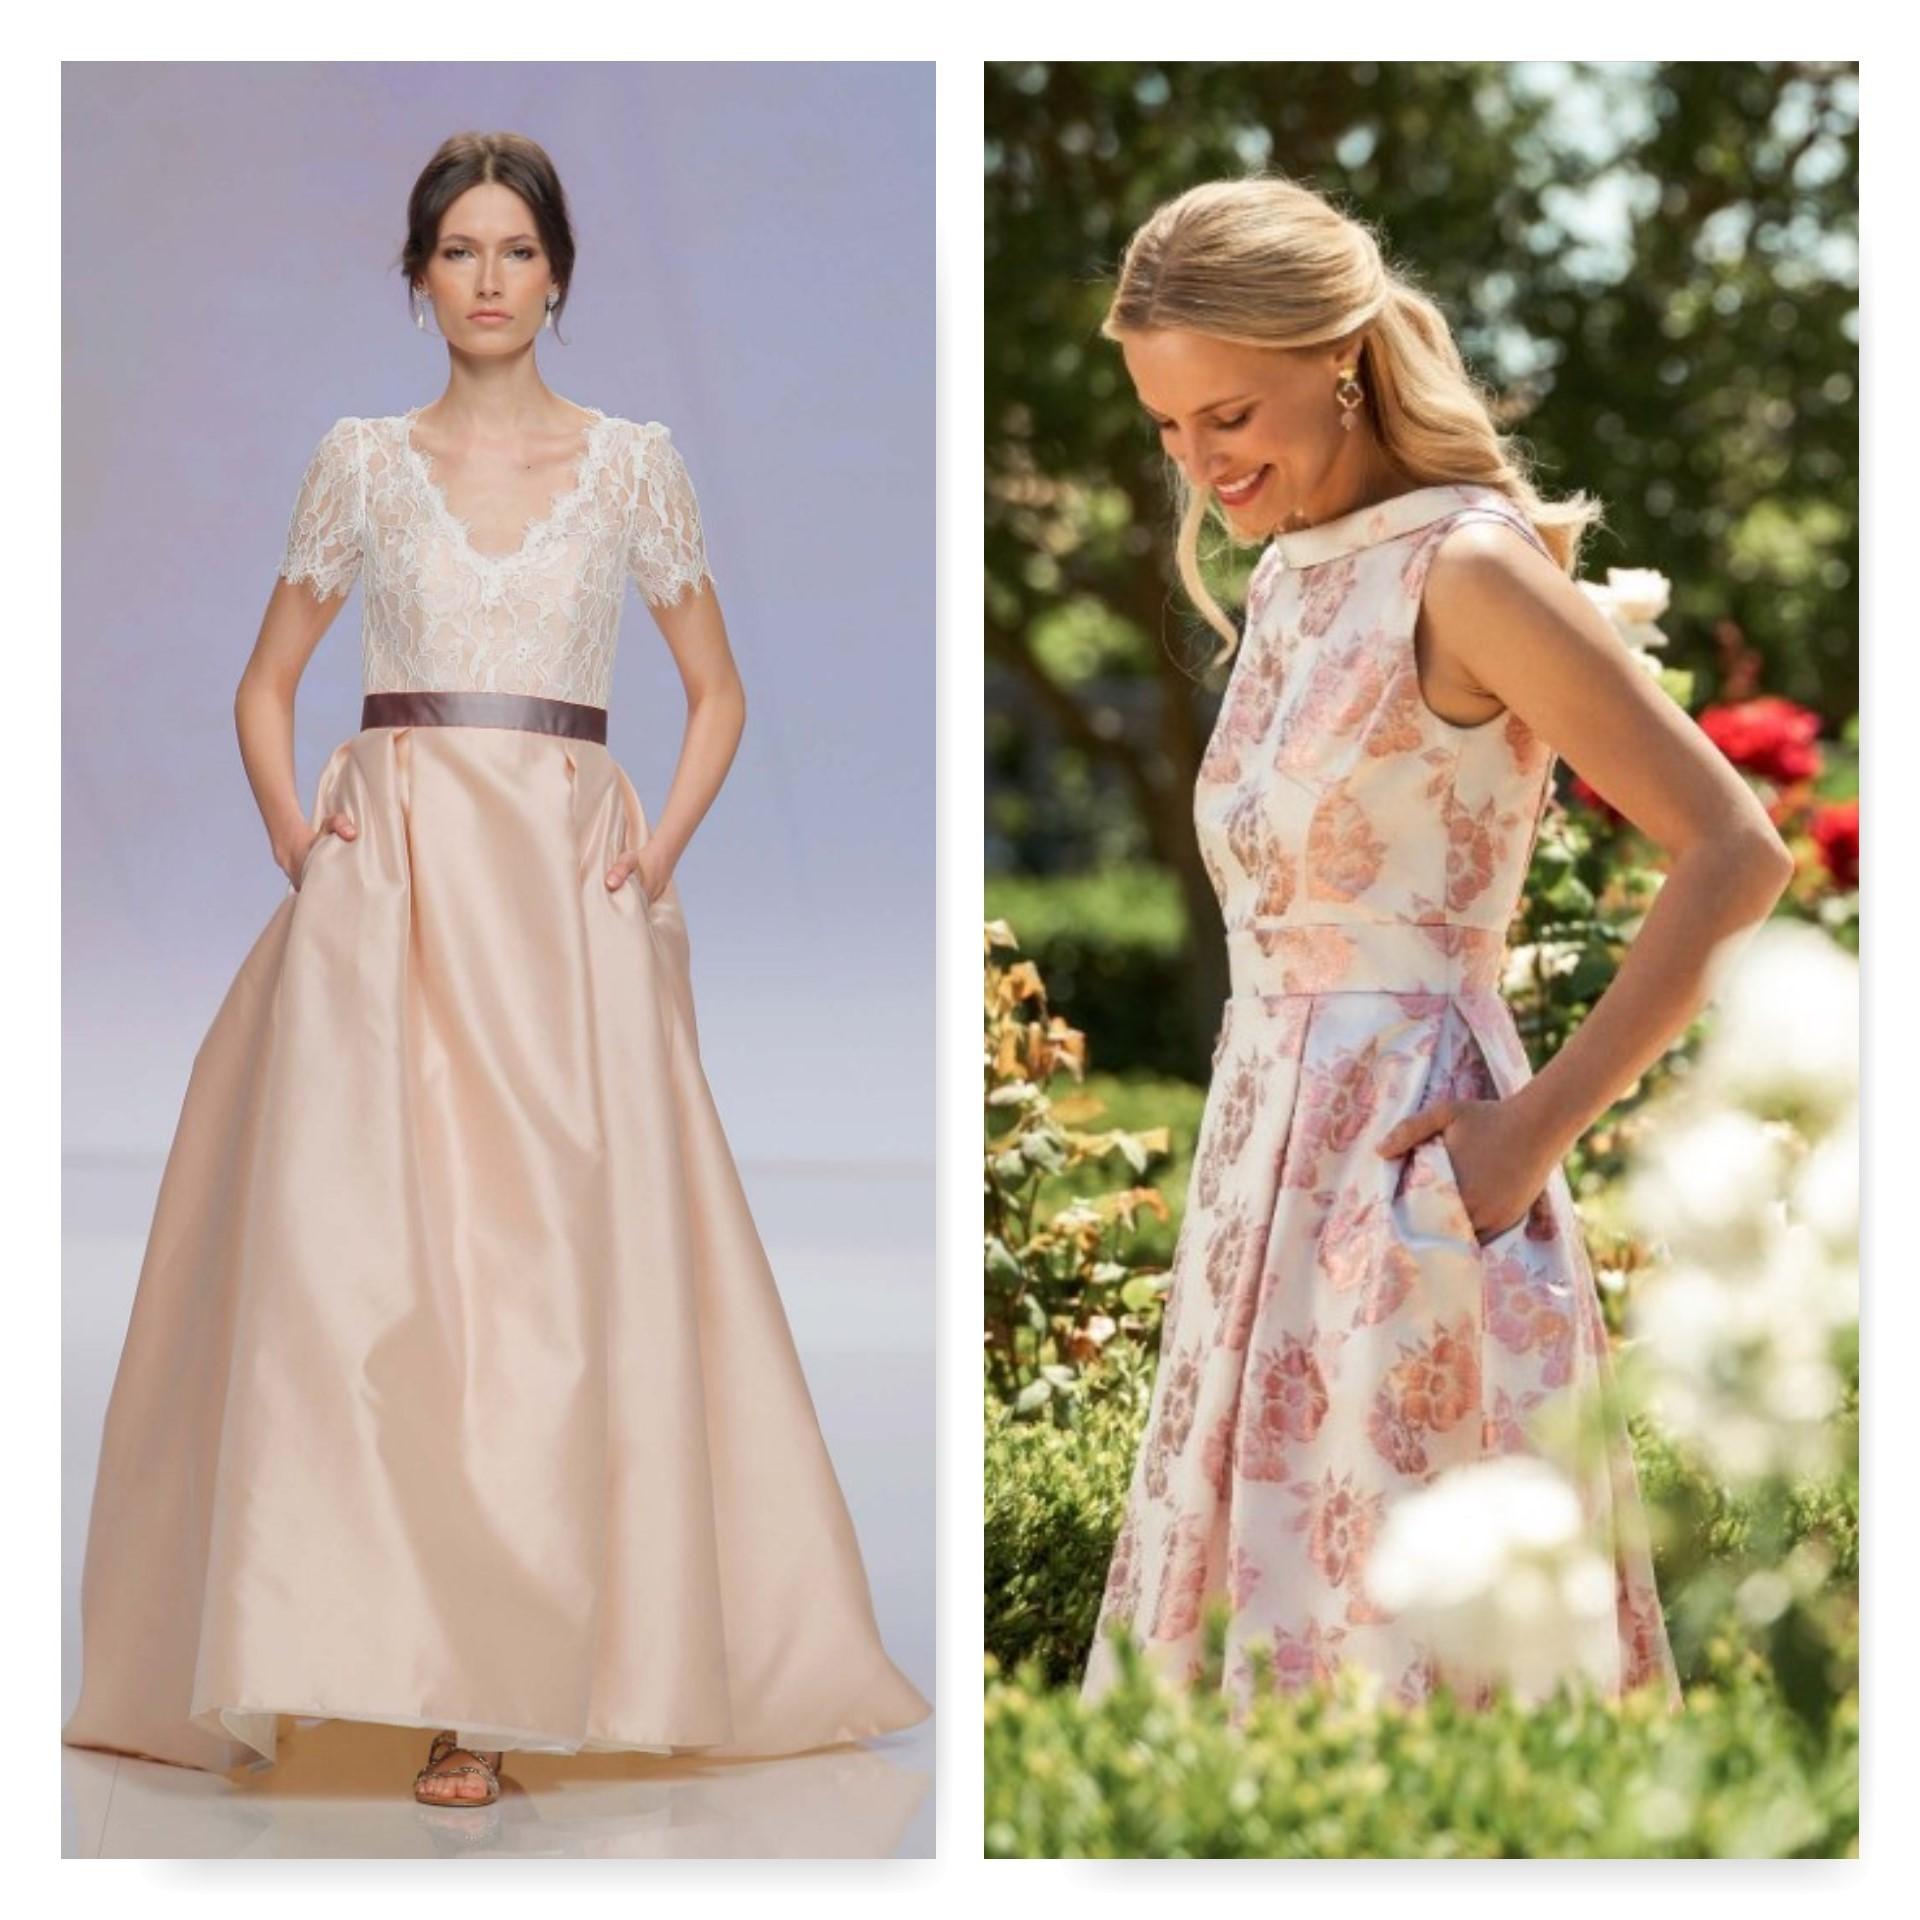 reputable site 8ce0d 6fc51 Bon Ton & Chic: l'abito da sposa Rosa spopola tra le ...